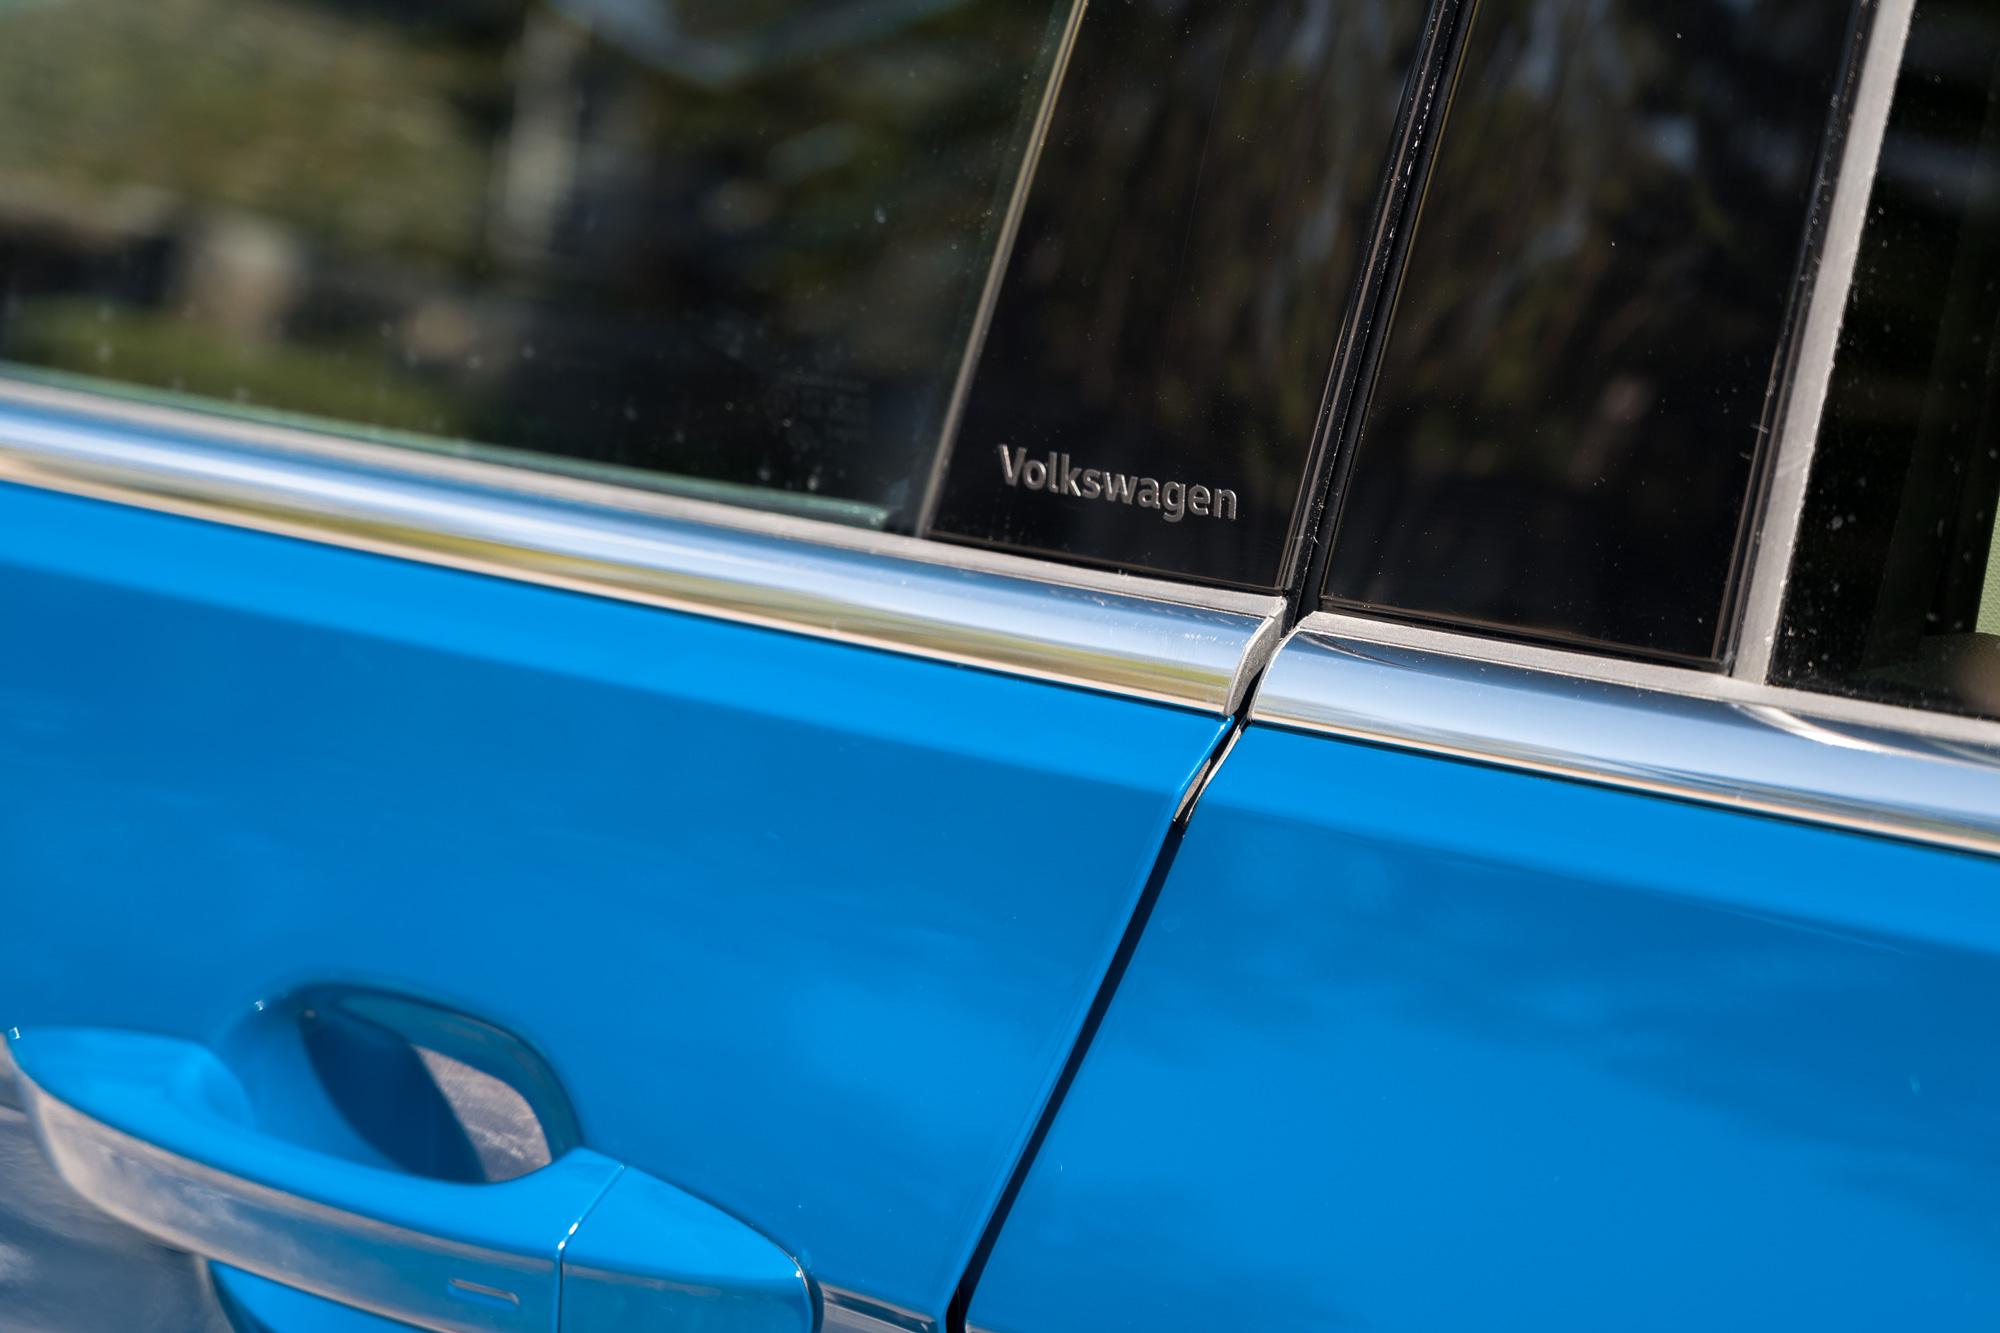 T-Cross Bピラーパネルの付け根にVolkswagenのロゴ